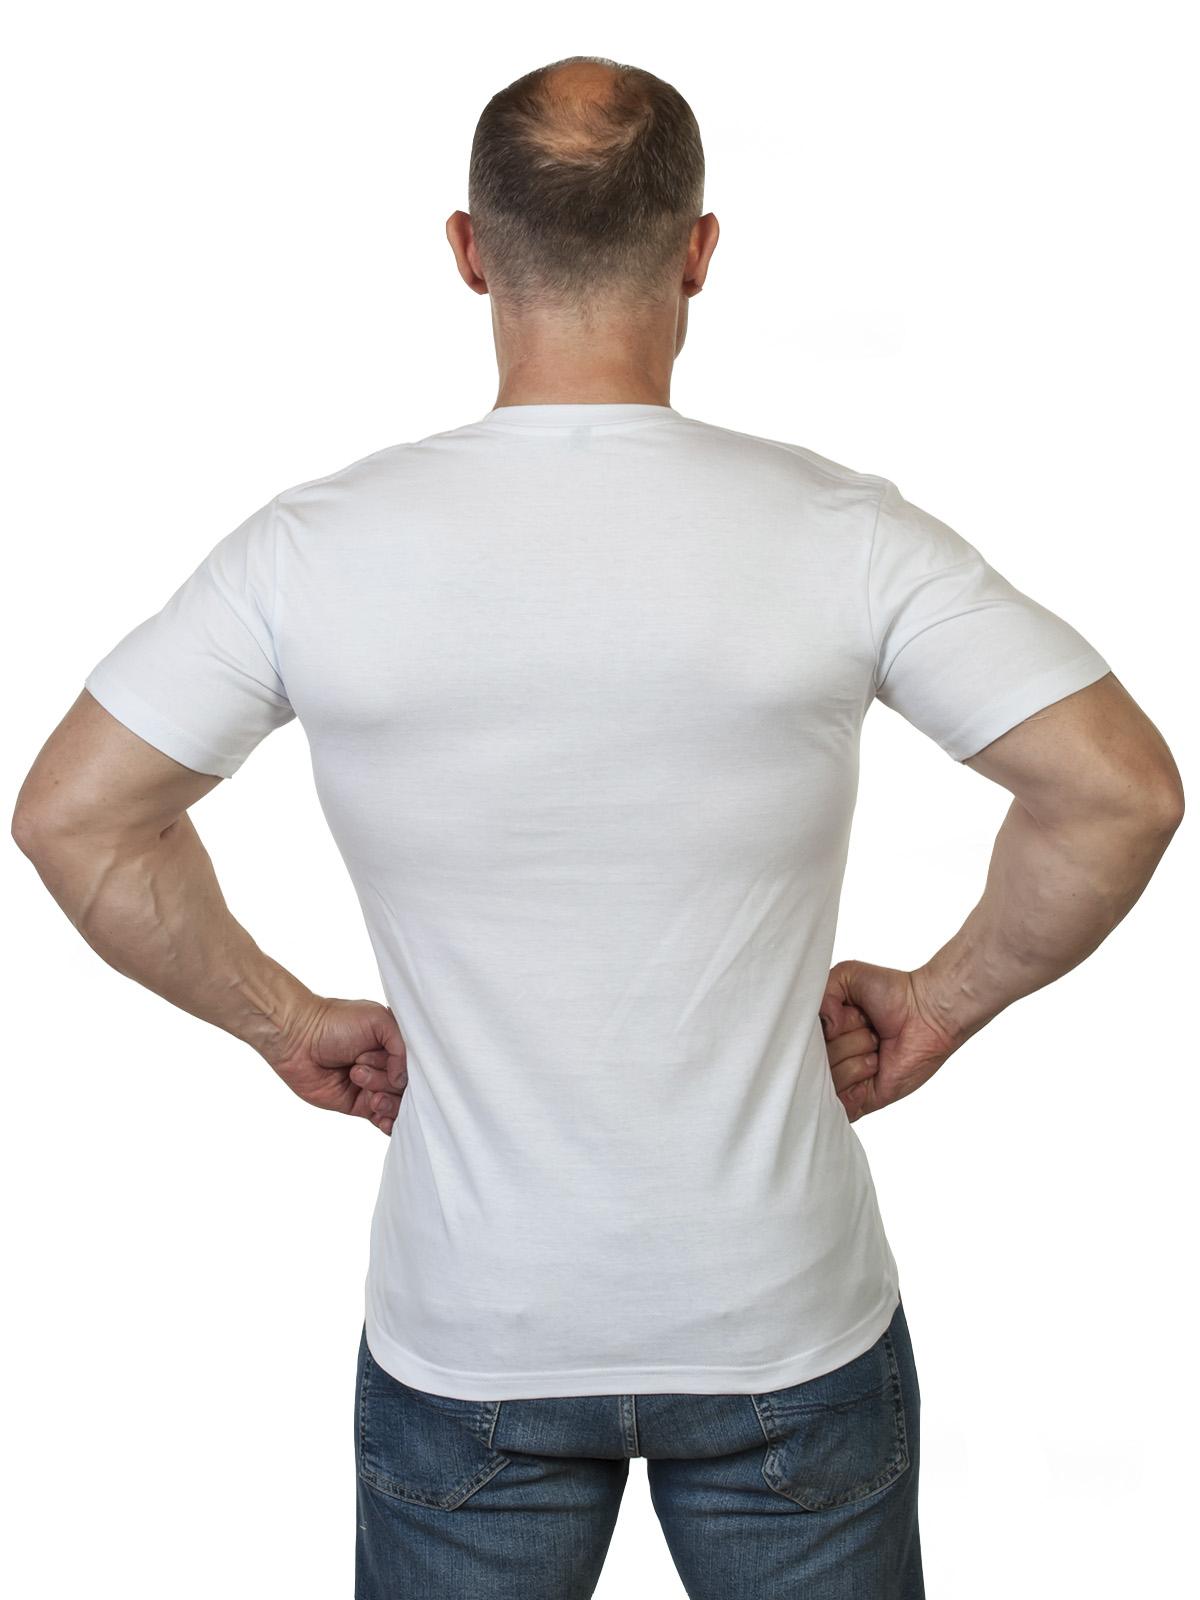 Стильная белая футболка с принтом ВКС высокого качества